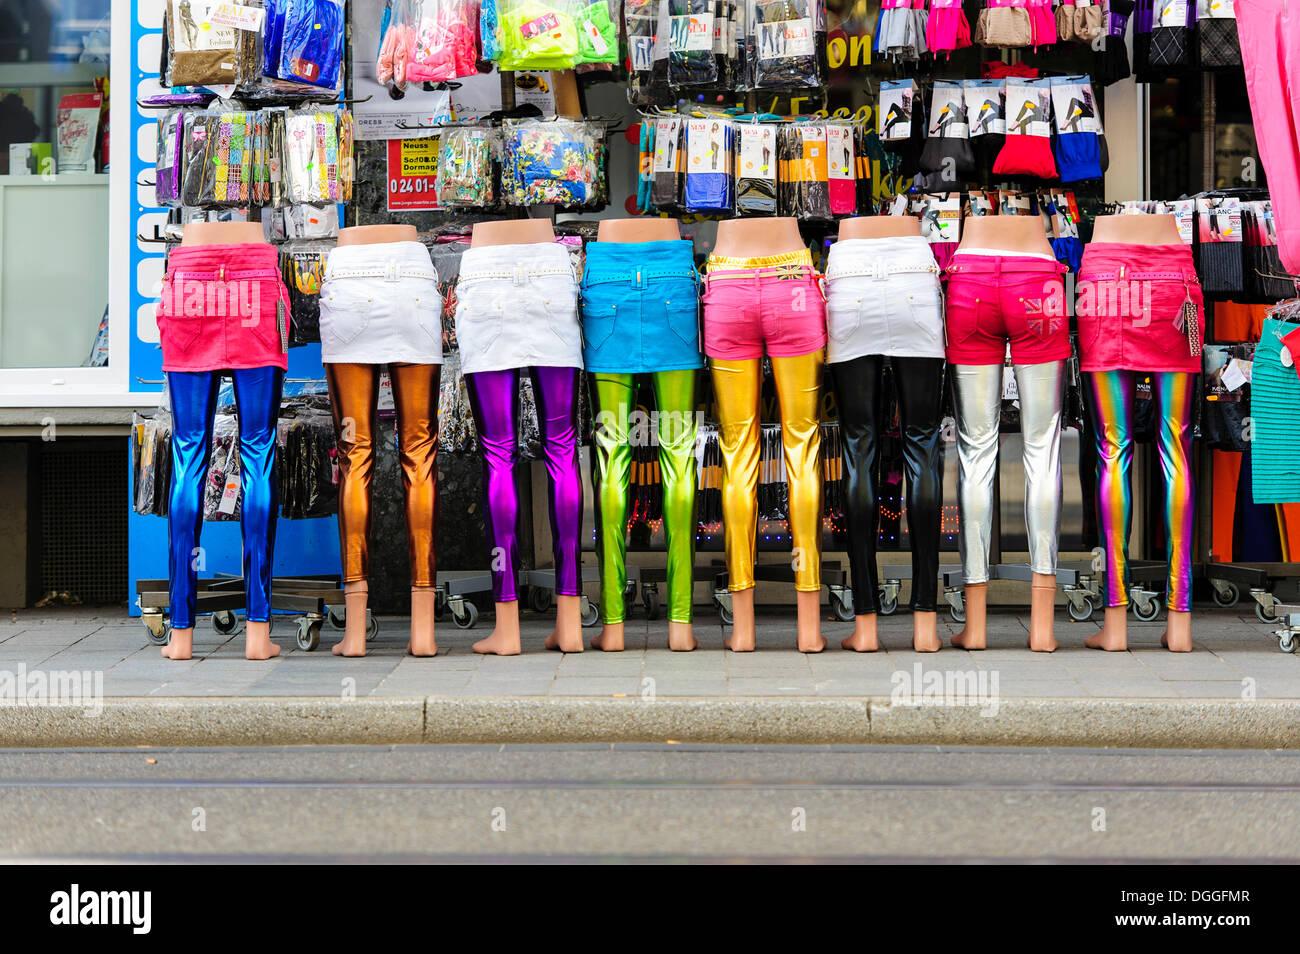 Las piernas de maniquíes de pie en una fila delante de una tienda de ropa, Neuss, Renania del Norte-Westfalia, Alemania Foto de stock